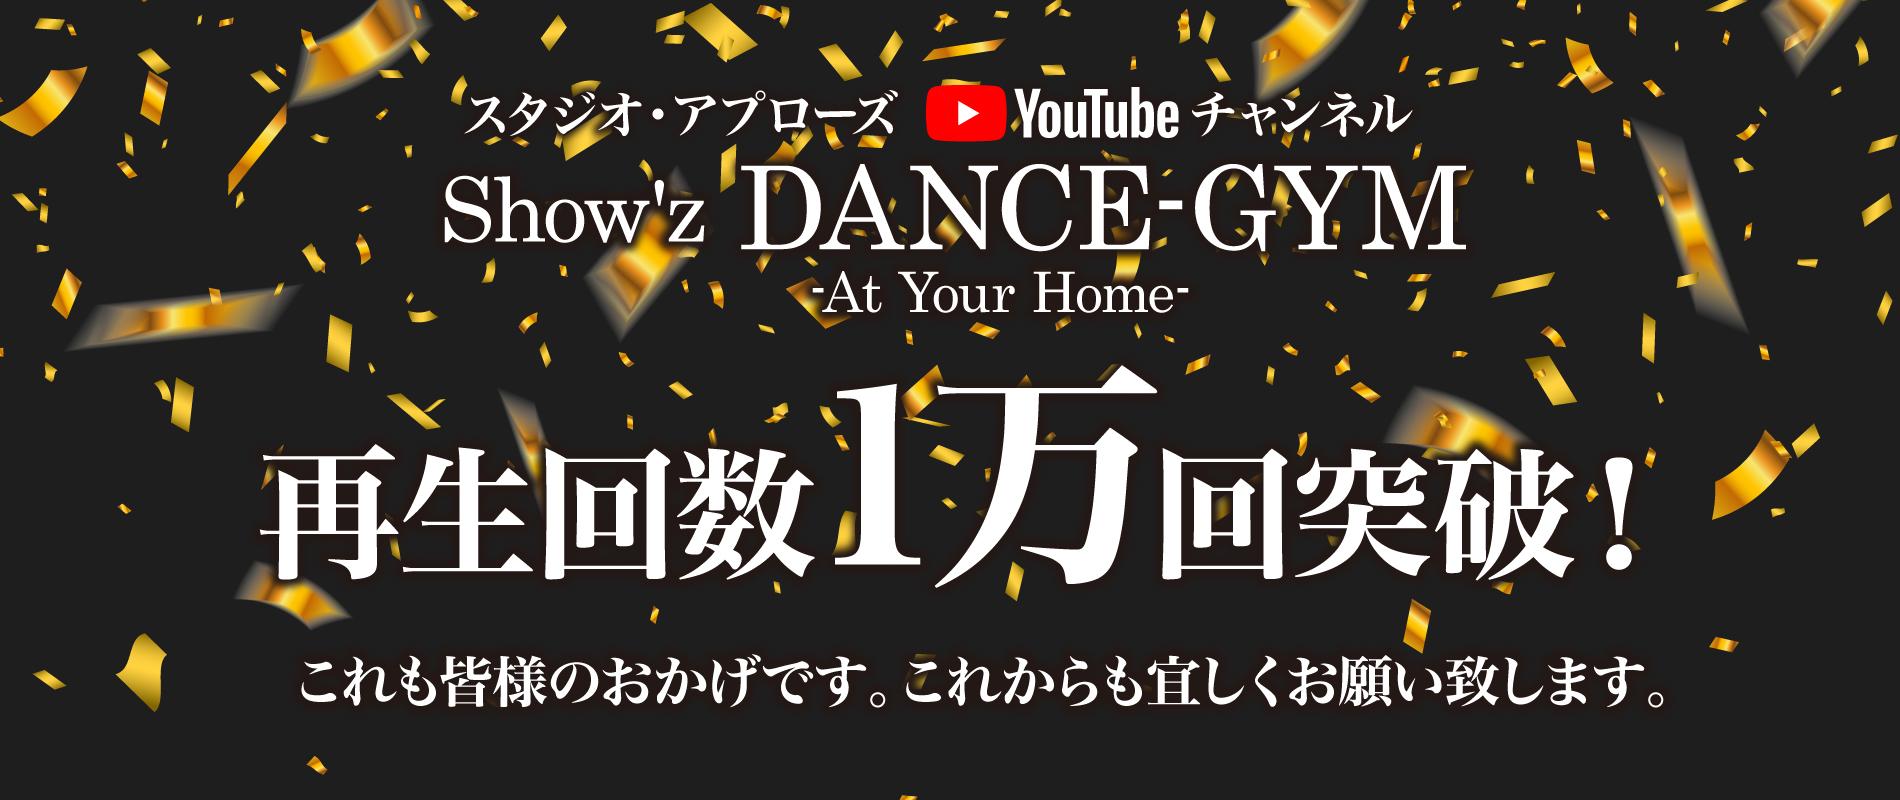 YouTubeチャンネルが再生回数1万突破!